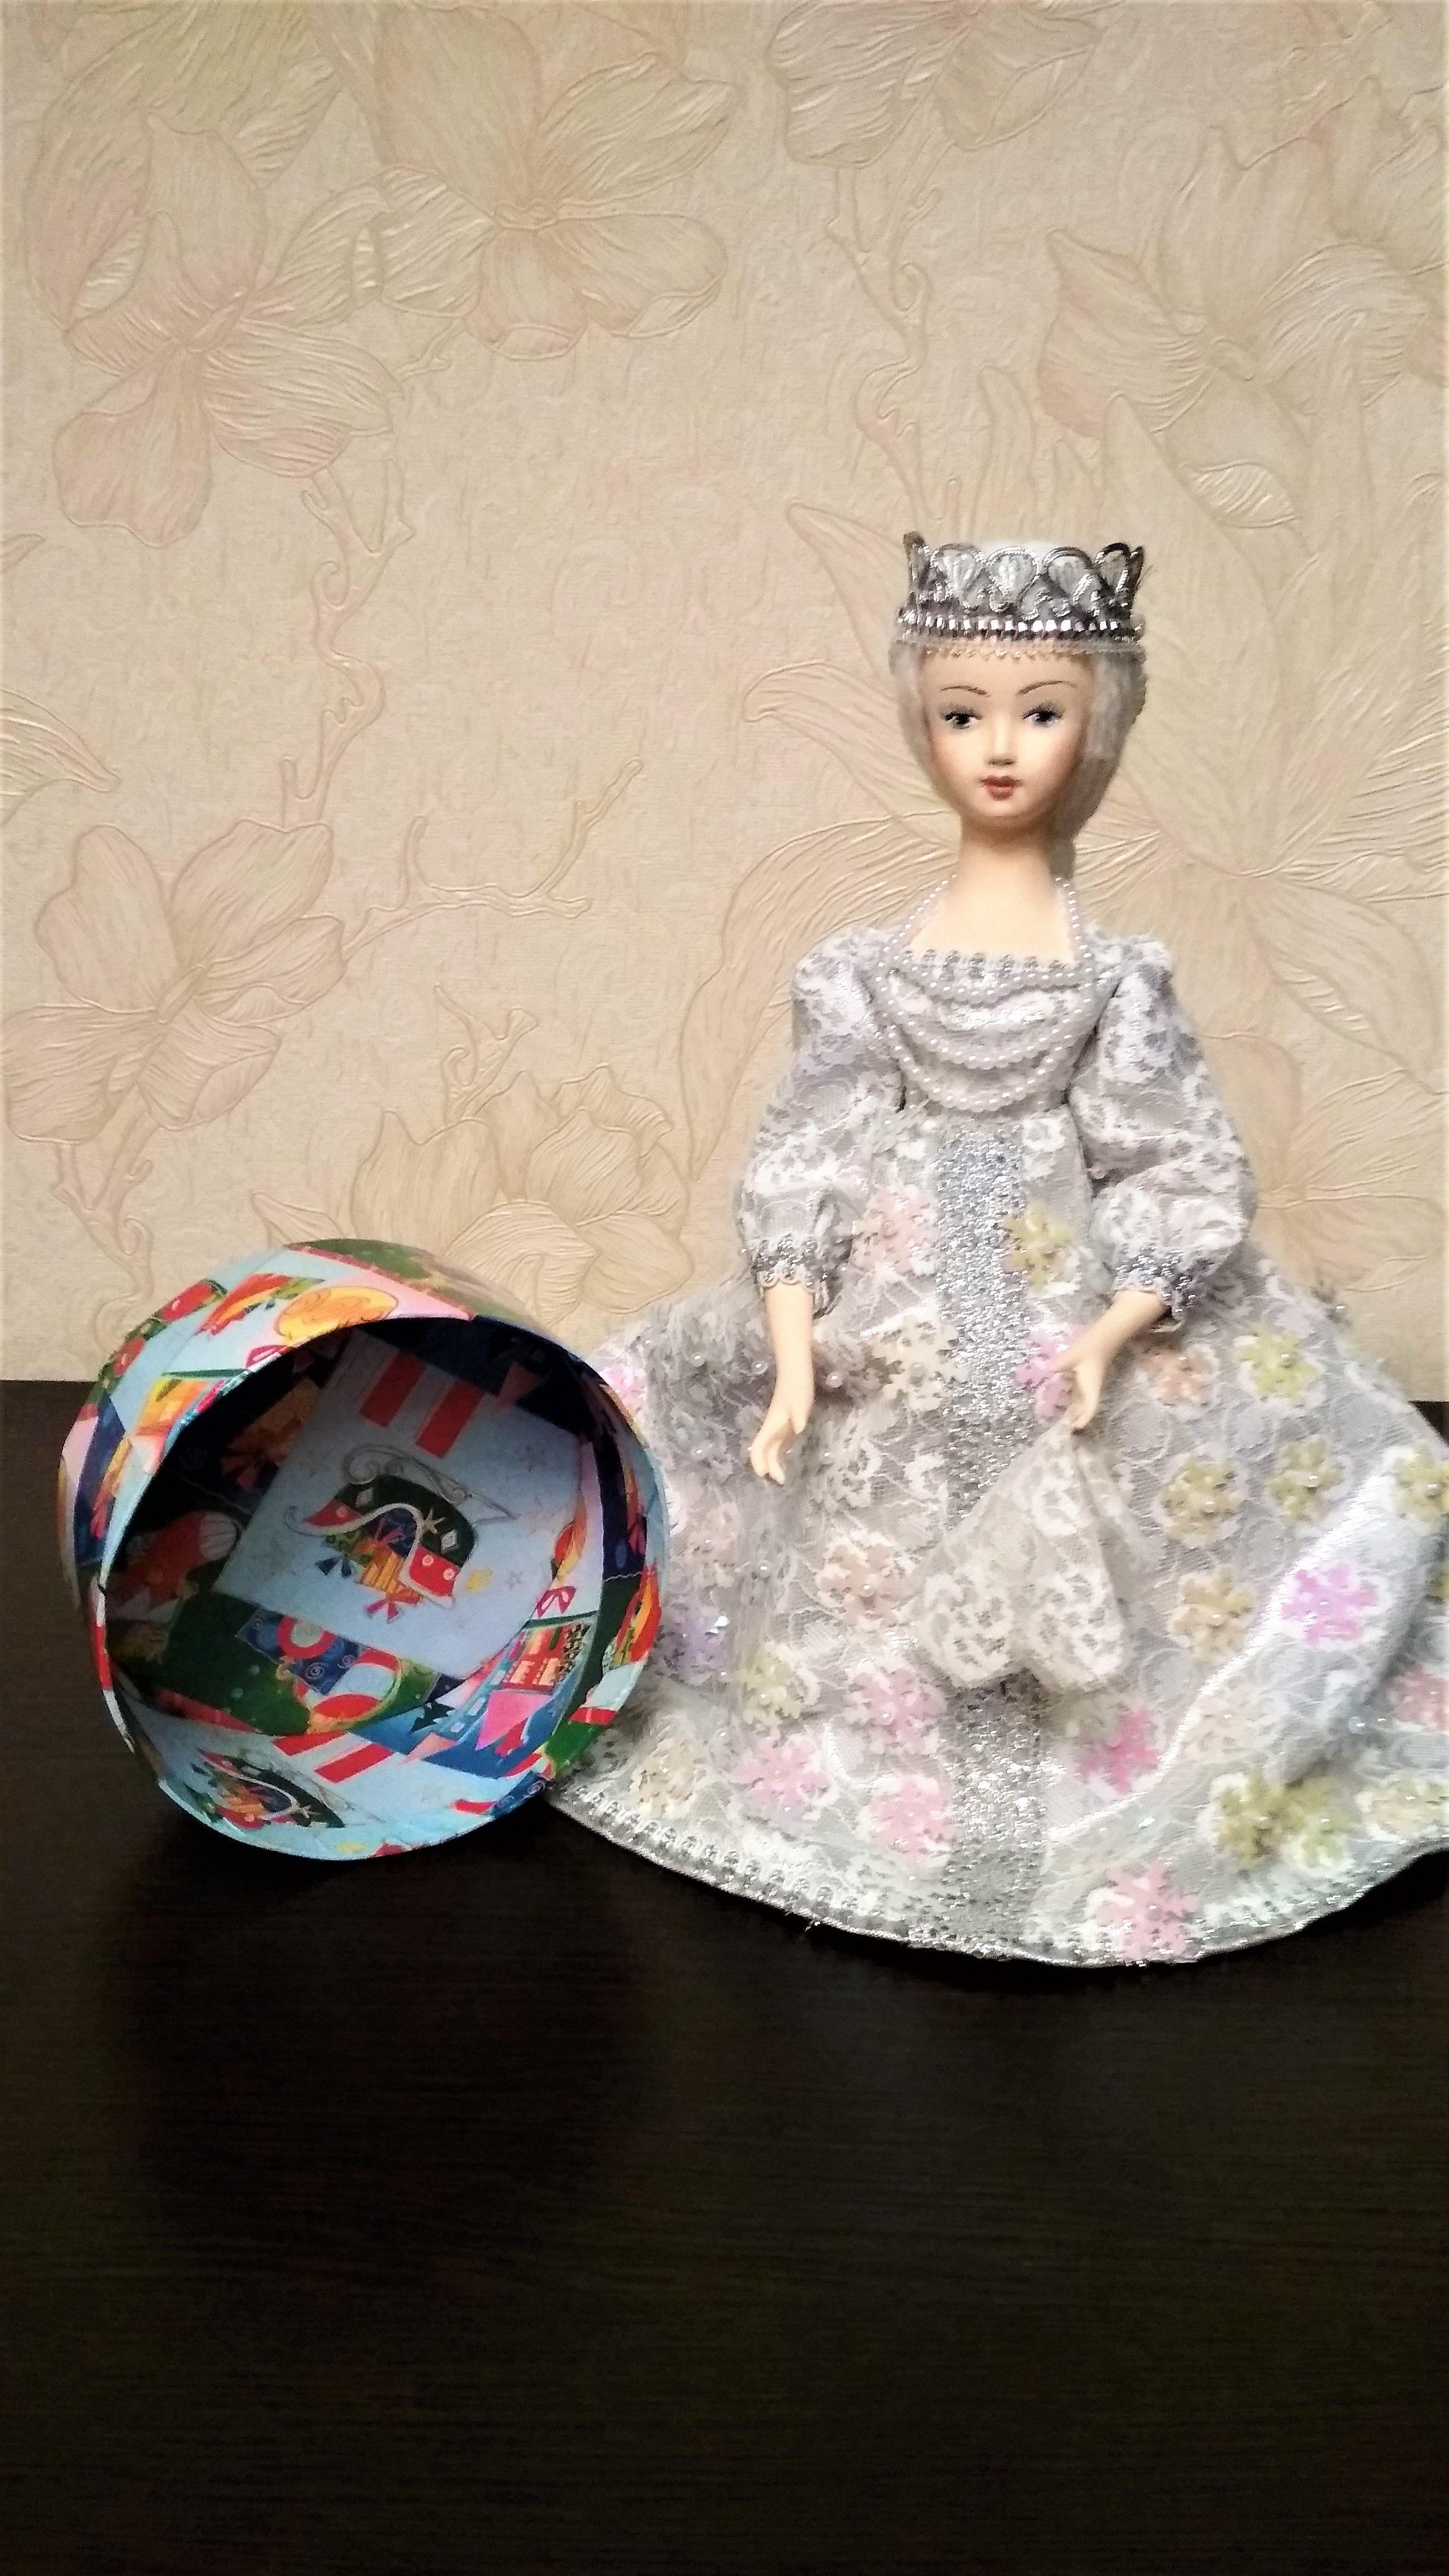 интерьерная женщине подарок кукла год подарка новый праздник шкатулка девушке снегурочка любой упаковка